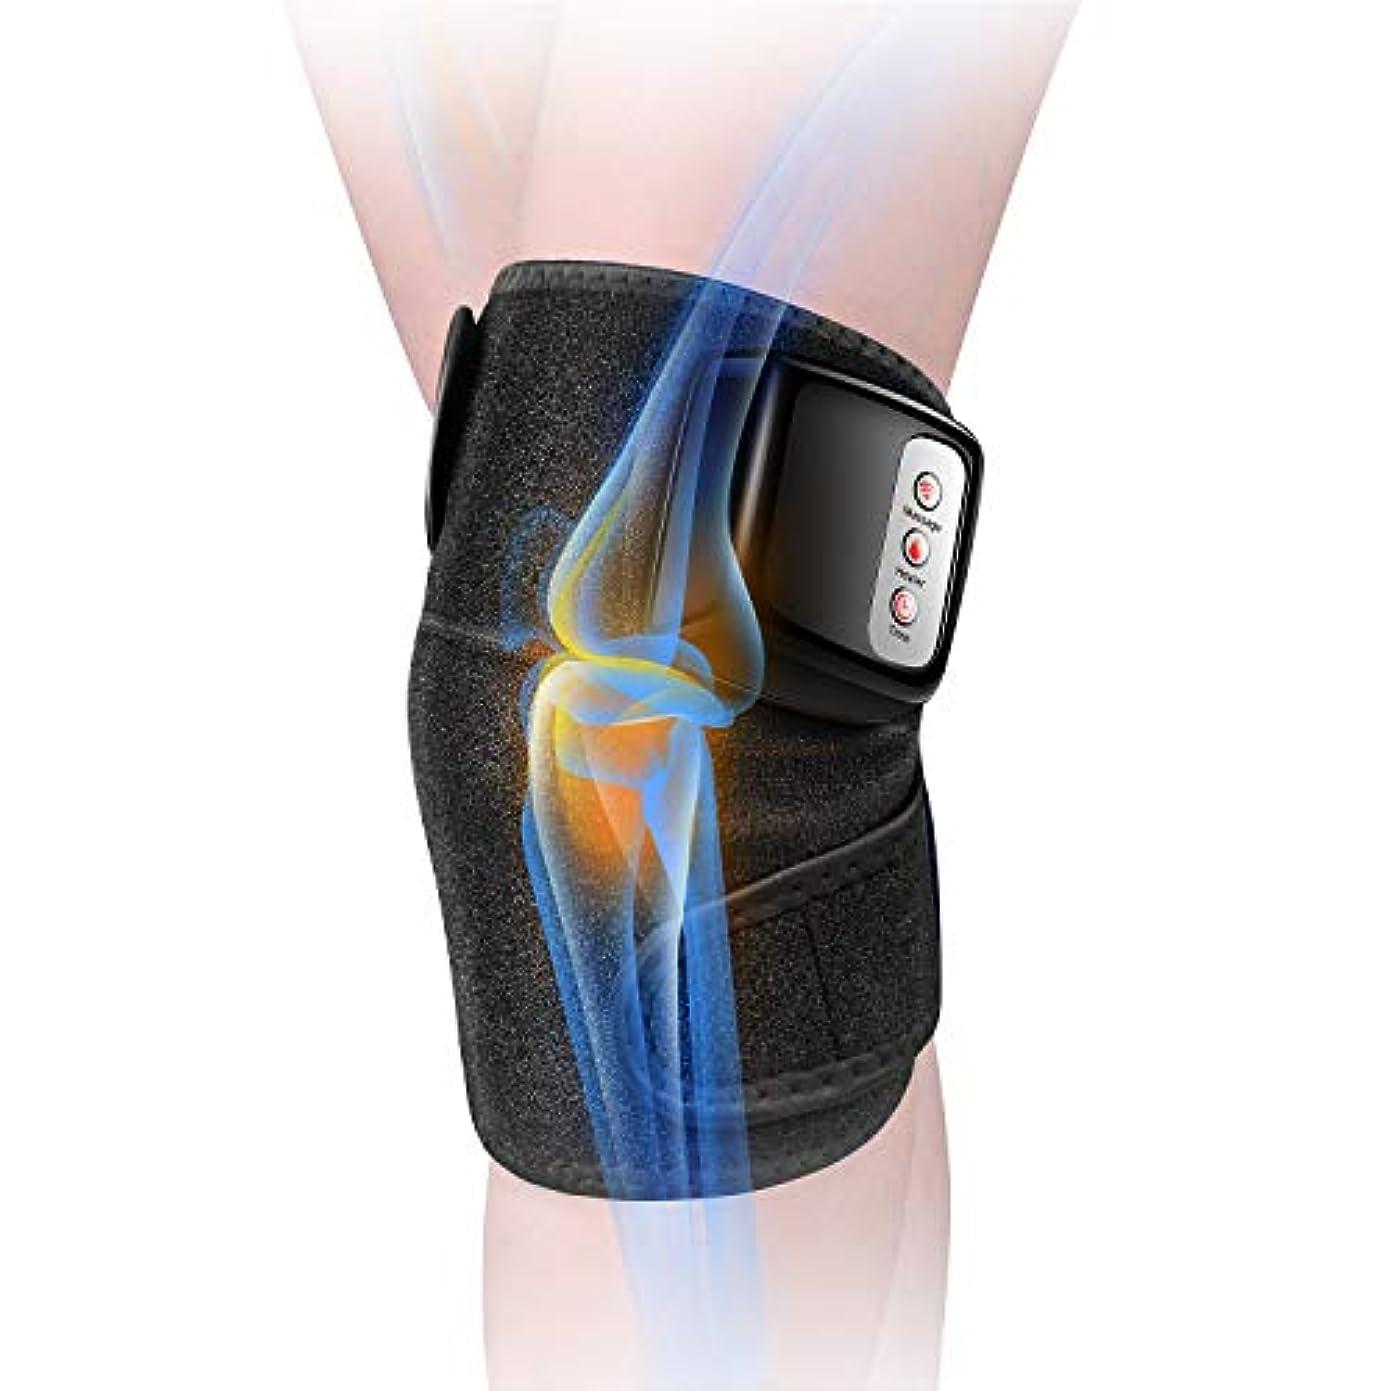 傷跡比較運賃膝マッサージャー 関節マッサージャー マッサージ器 フットマッサージャー 振動 赤外線療法 温熱療法 膝サポーター ストレス解消 肩 太もも/腕対応